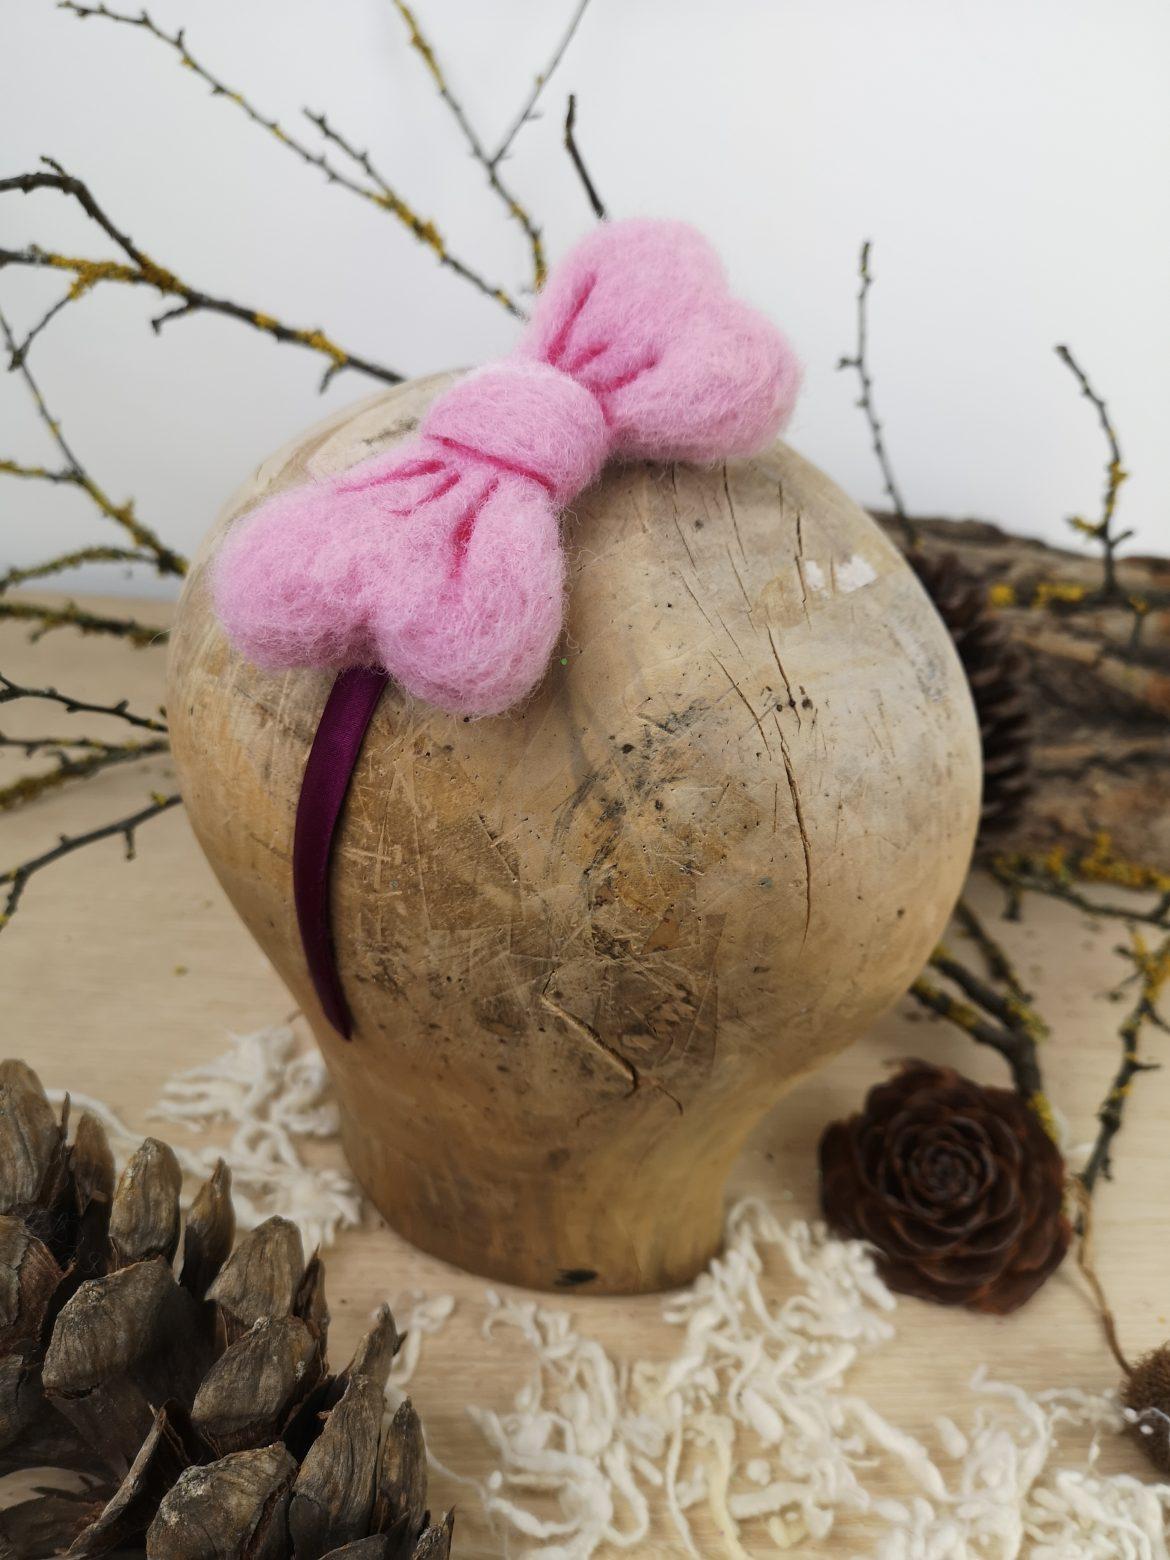 Regali di Natale 2020: idee regalo di Sogni di Cinzia, cerchietto per bimba decorato con fiocco